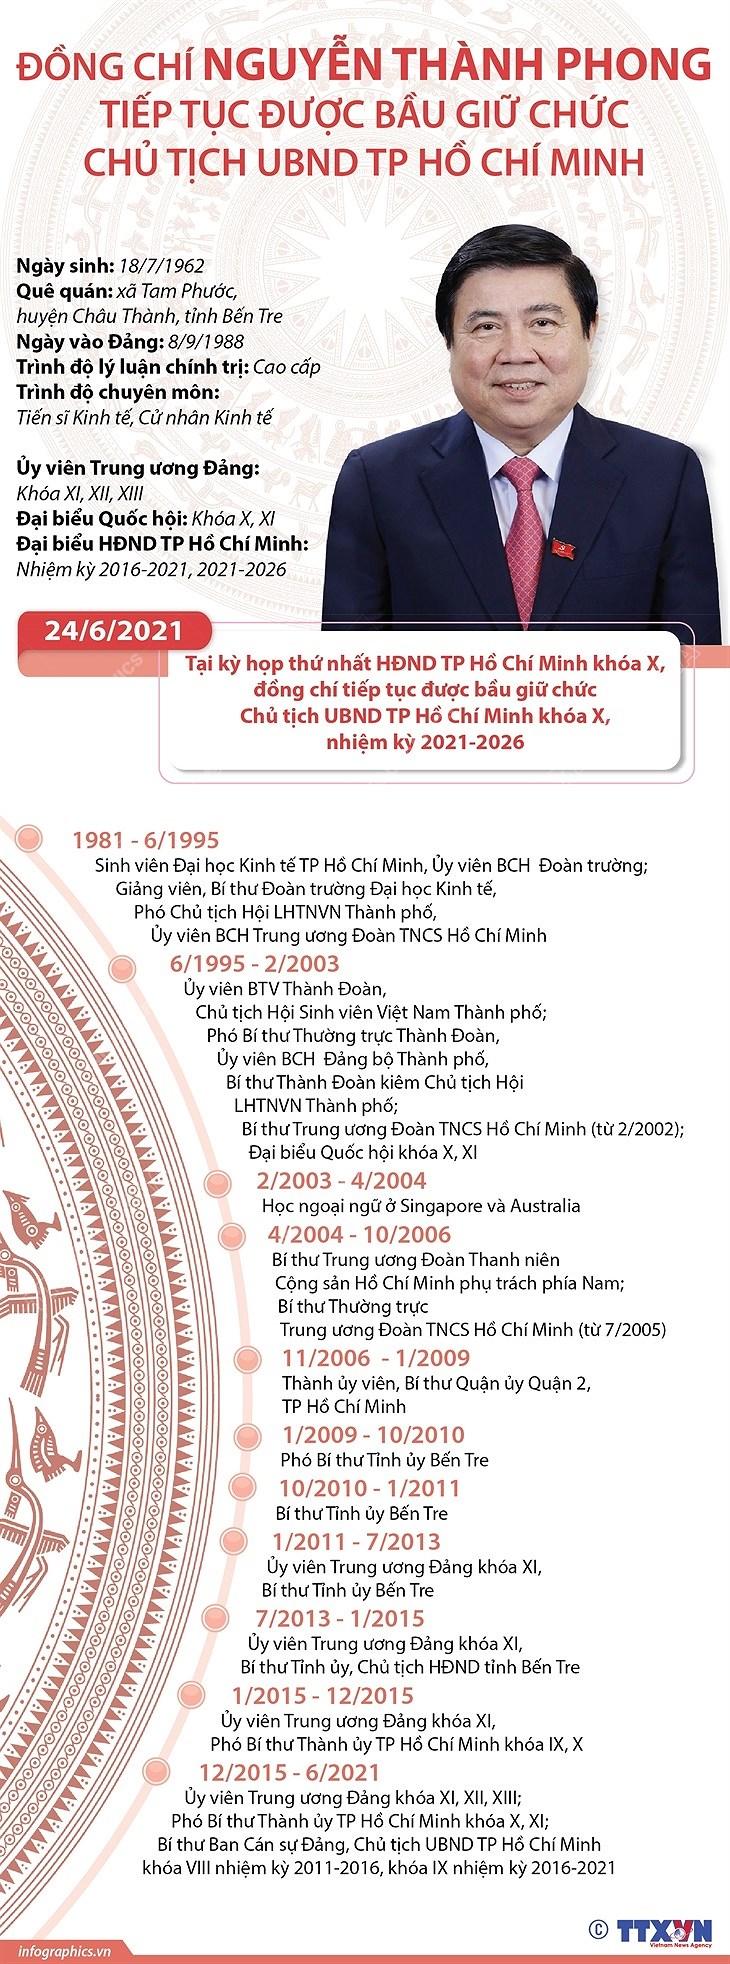 Ong Nguyen Thanh Phong tiep tuc giu chuc Chu tich UBND TP Ho Chi Minh hinh anh 1